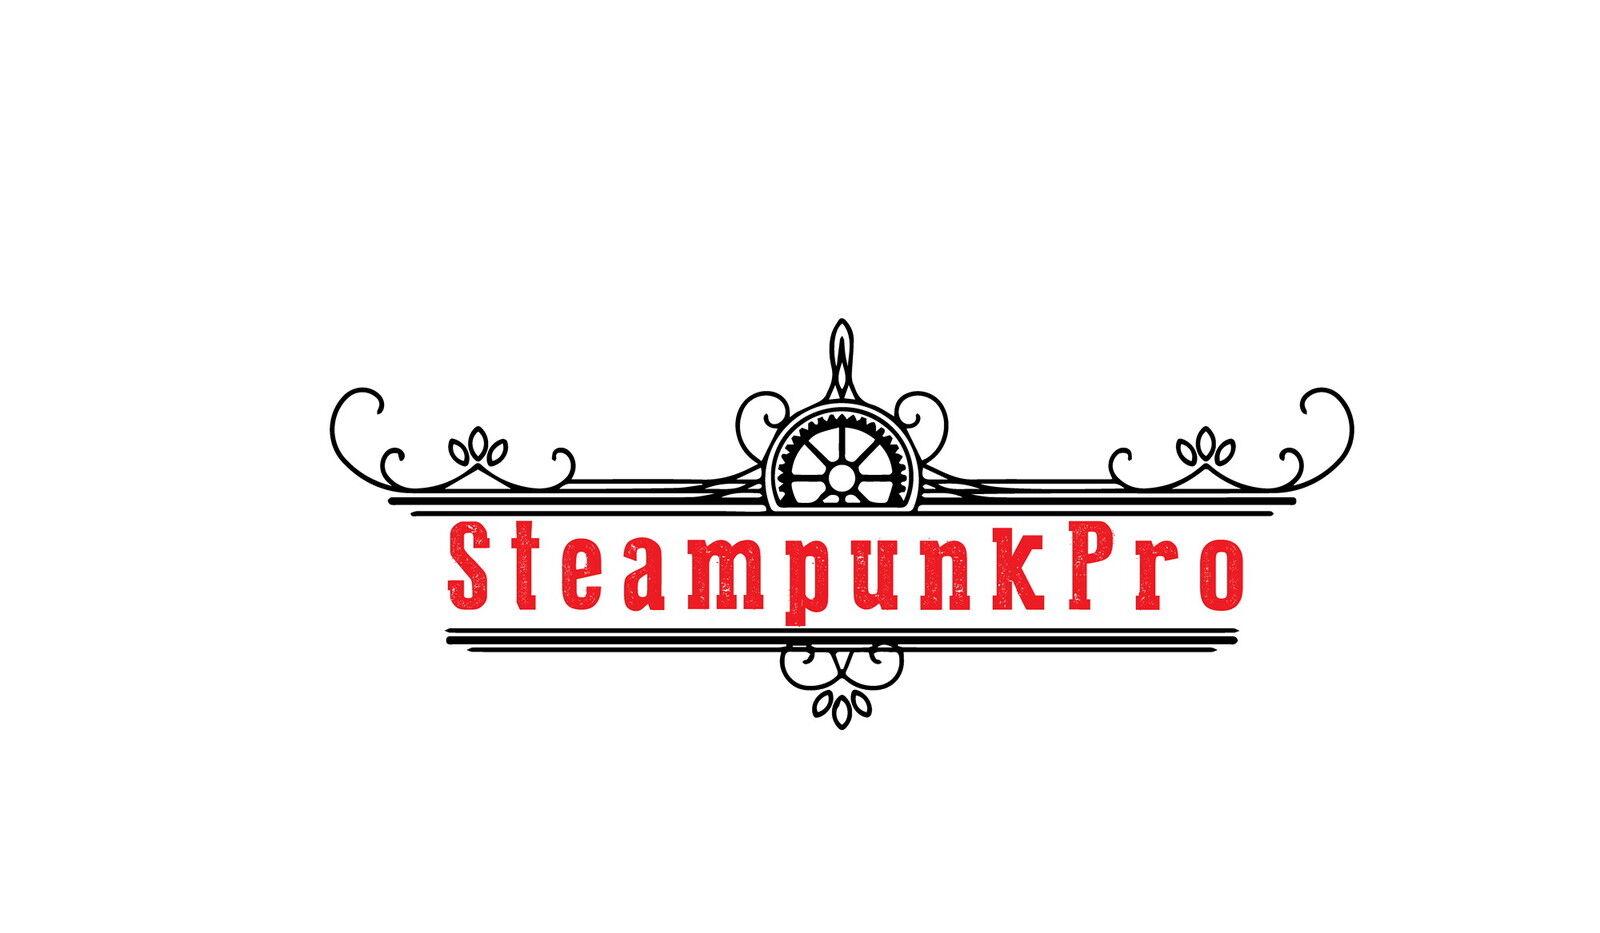 steampunkpro